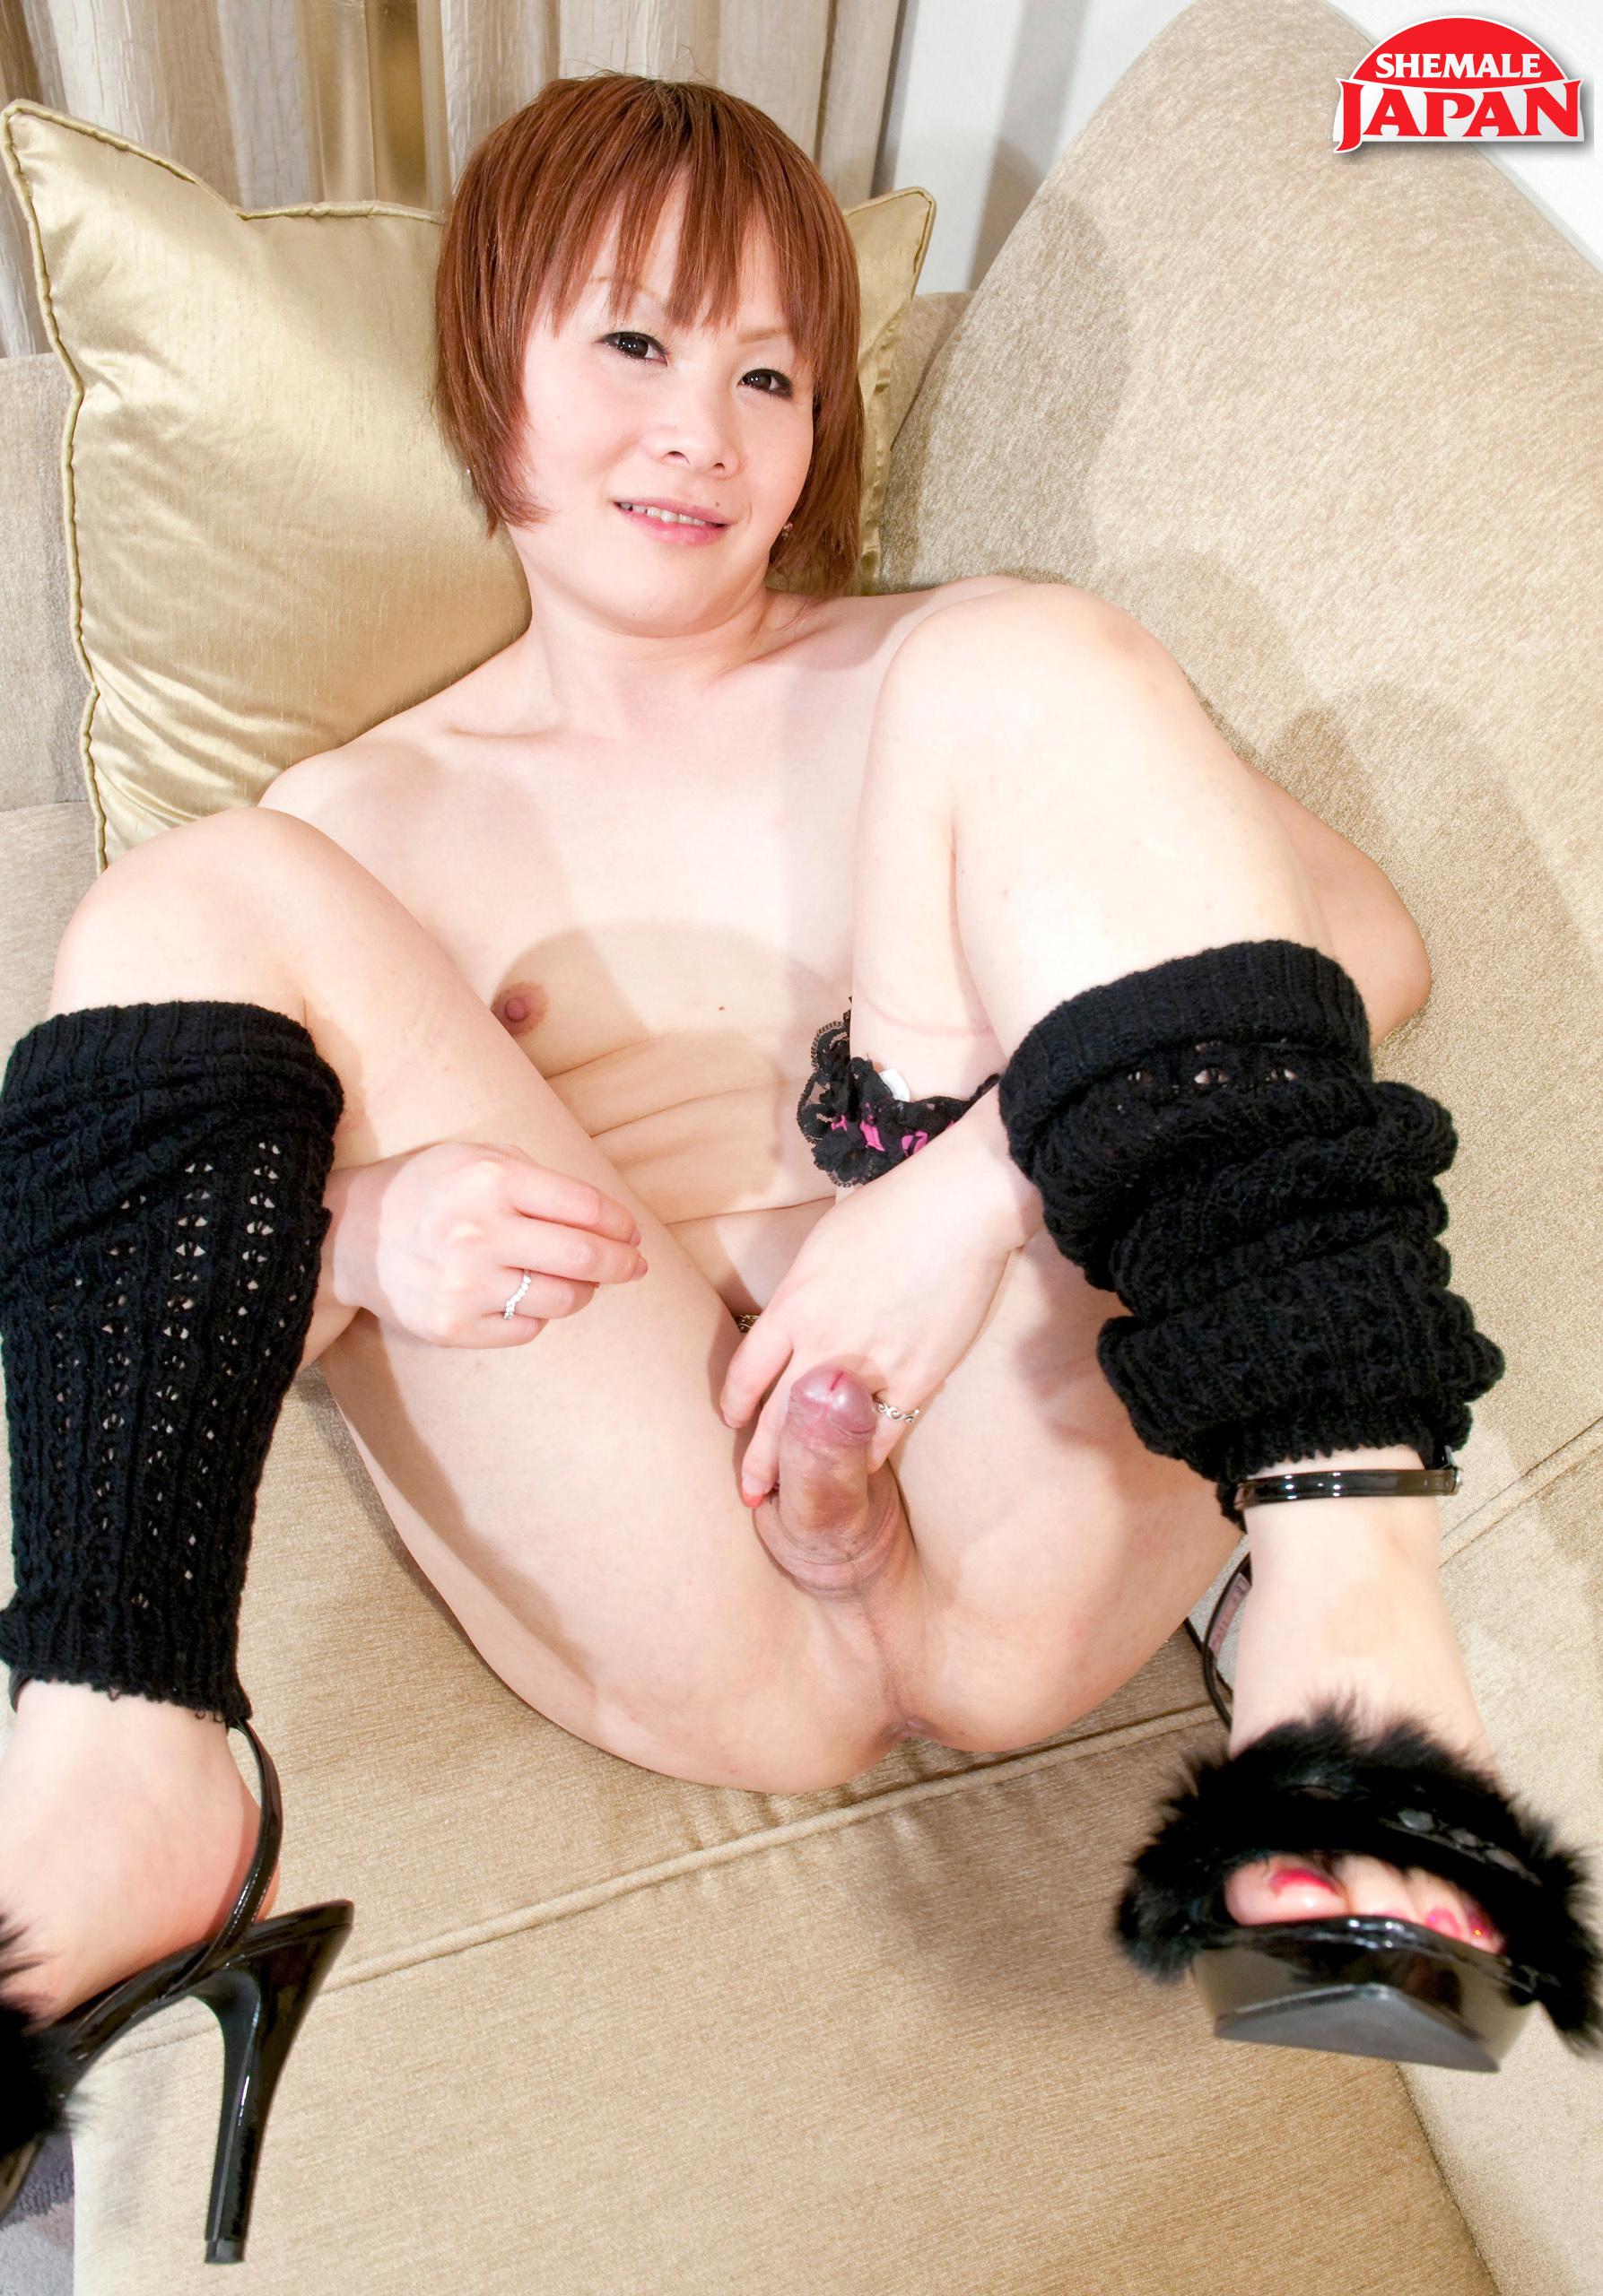 Runa Utsuki Stroke's Her Cock!